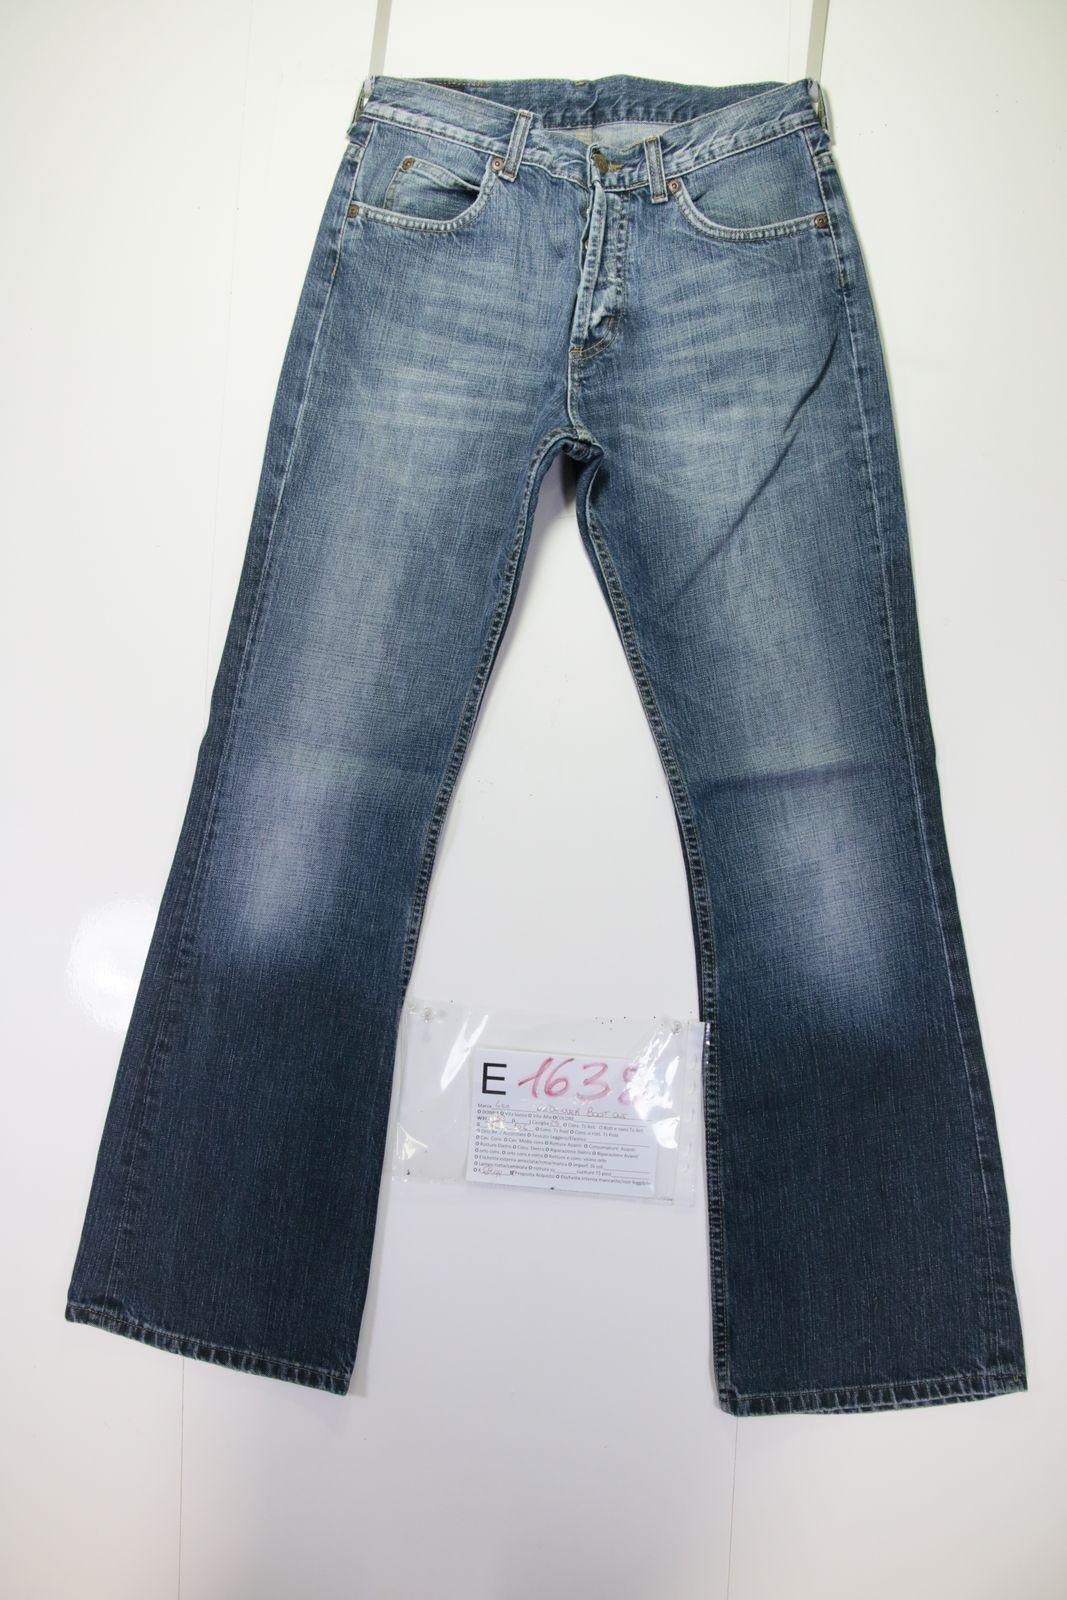 Lee 516 Denver Bootcut (Cod. E1638) jeans Usato Tg45 W31 L34 Vintage Zampa retrò